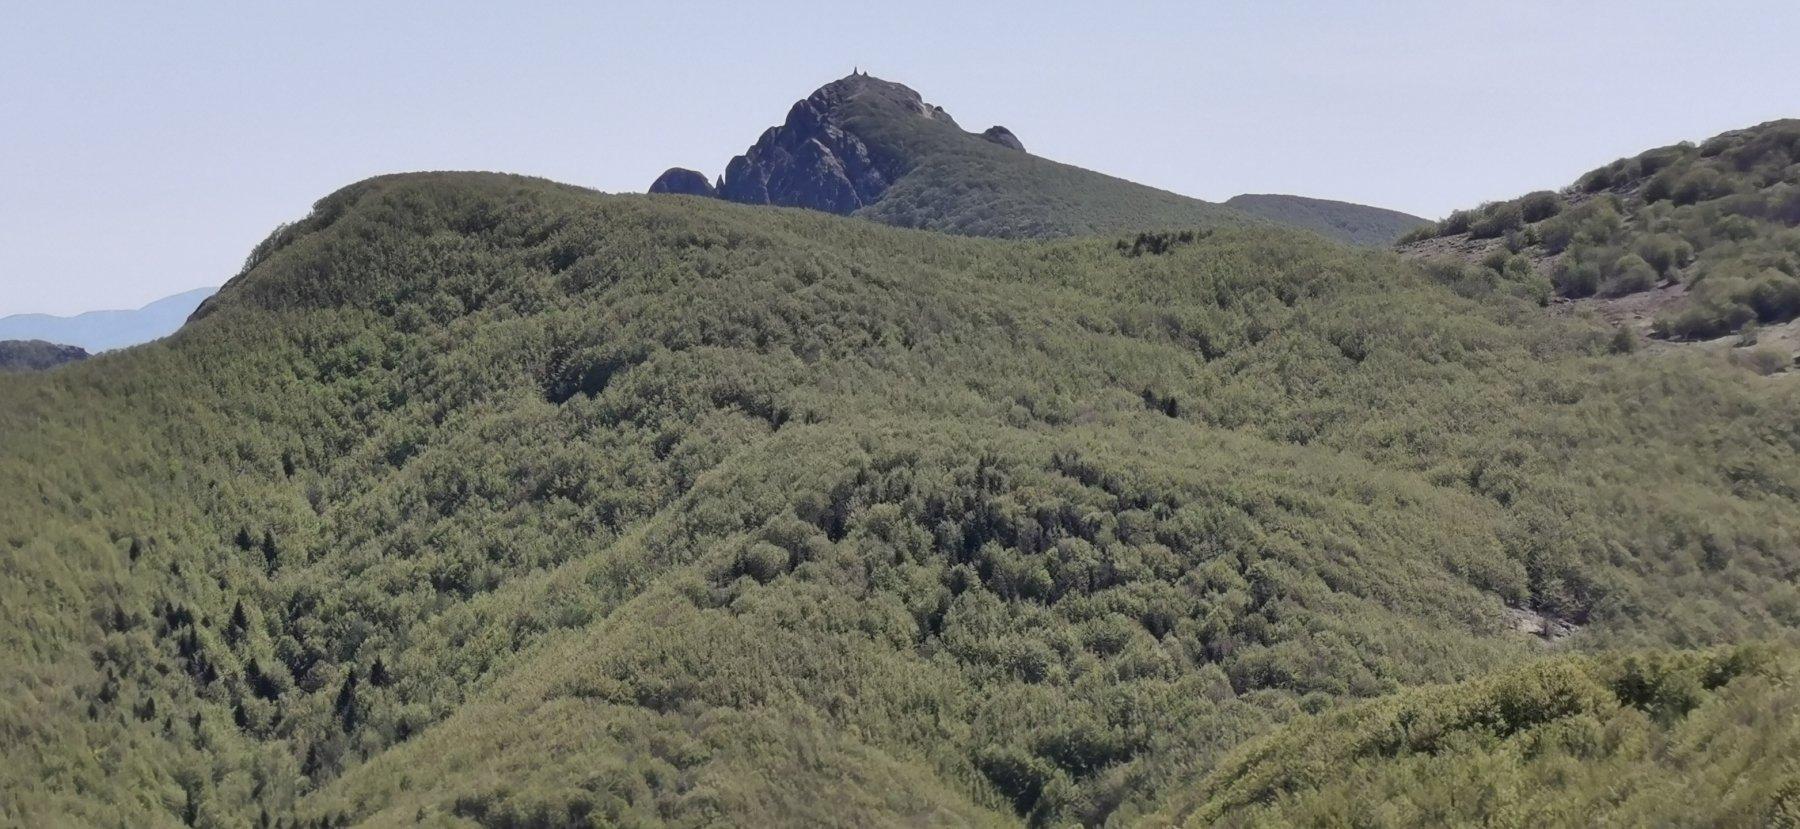 Penna (Monte) e Monte Aionada Casermetta del Penna, anello 2020-05-10